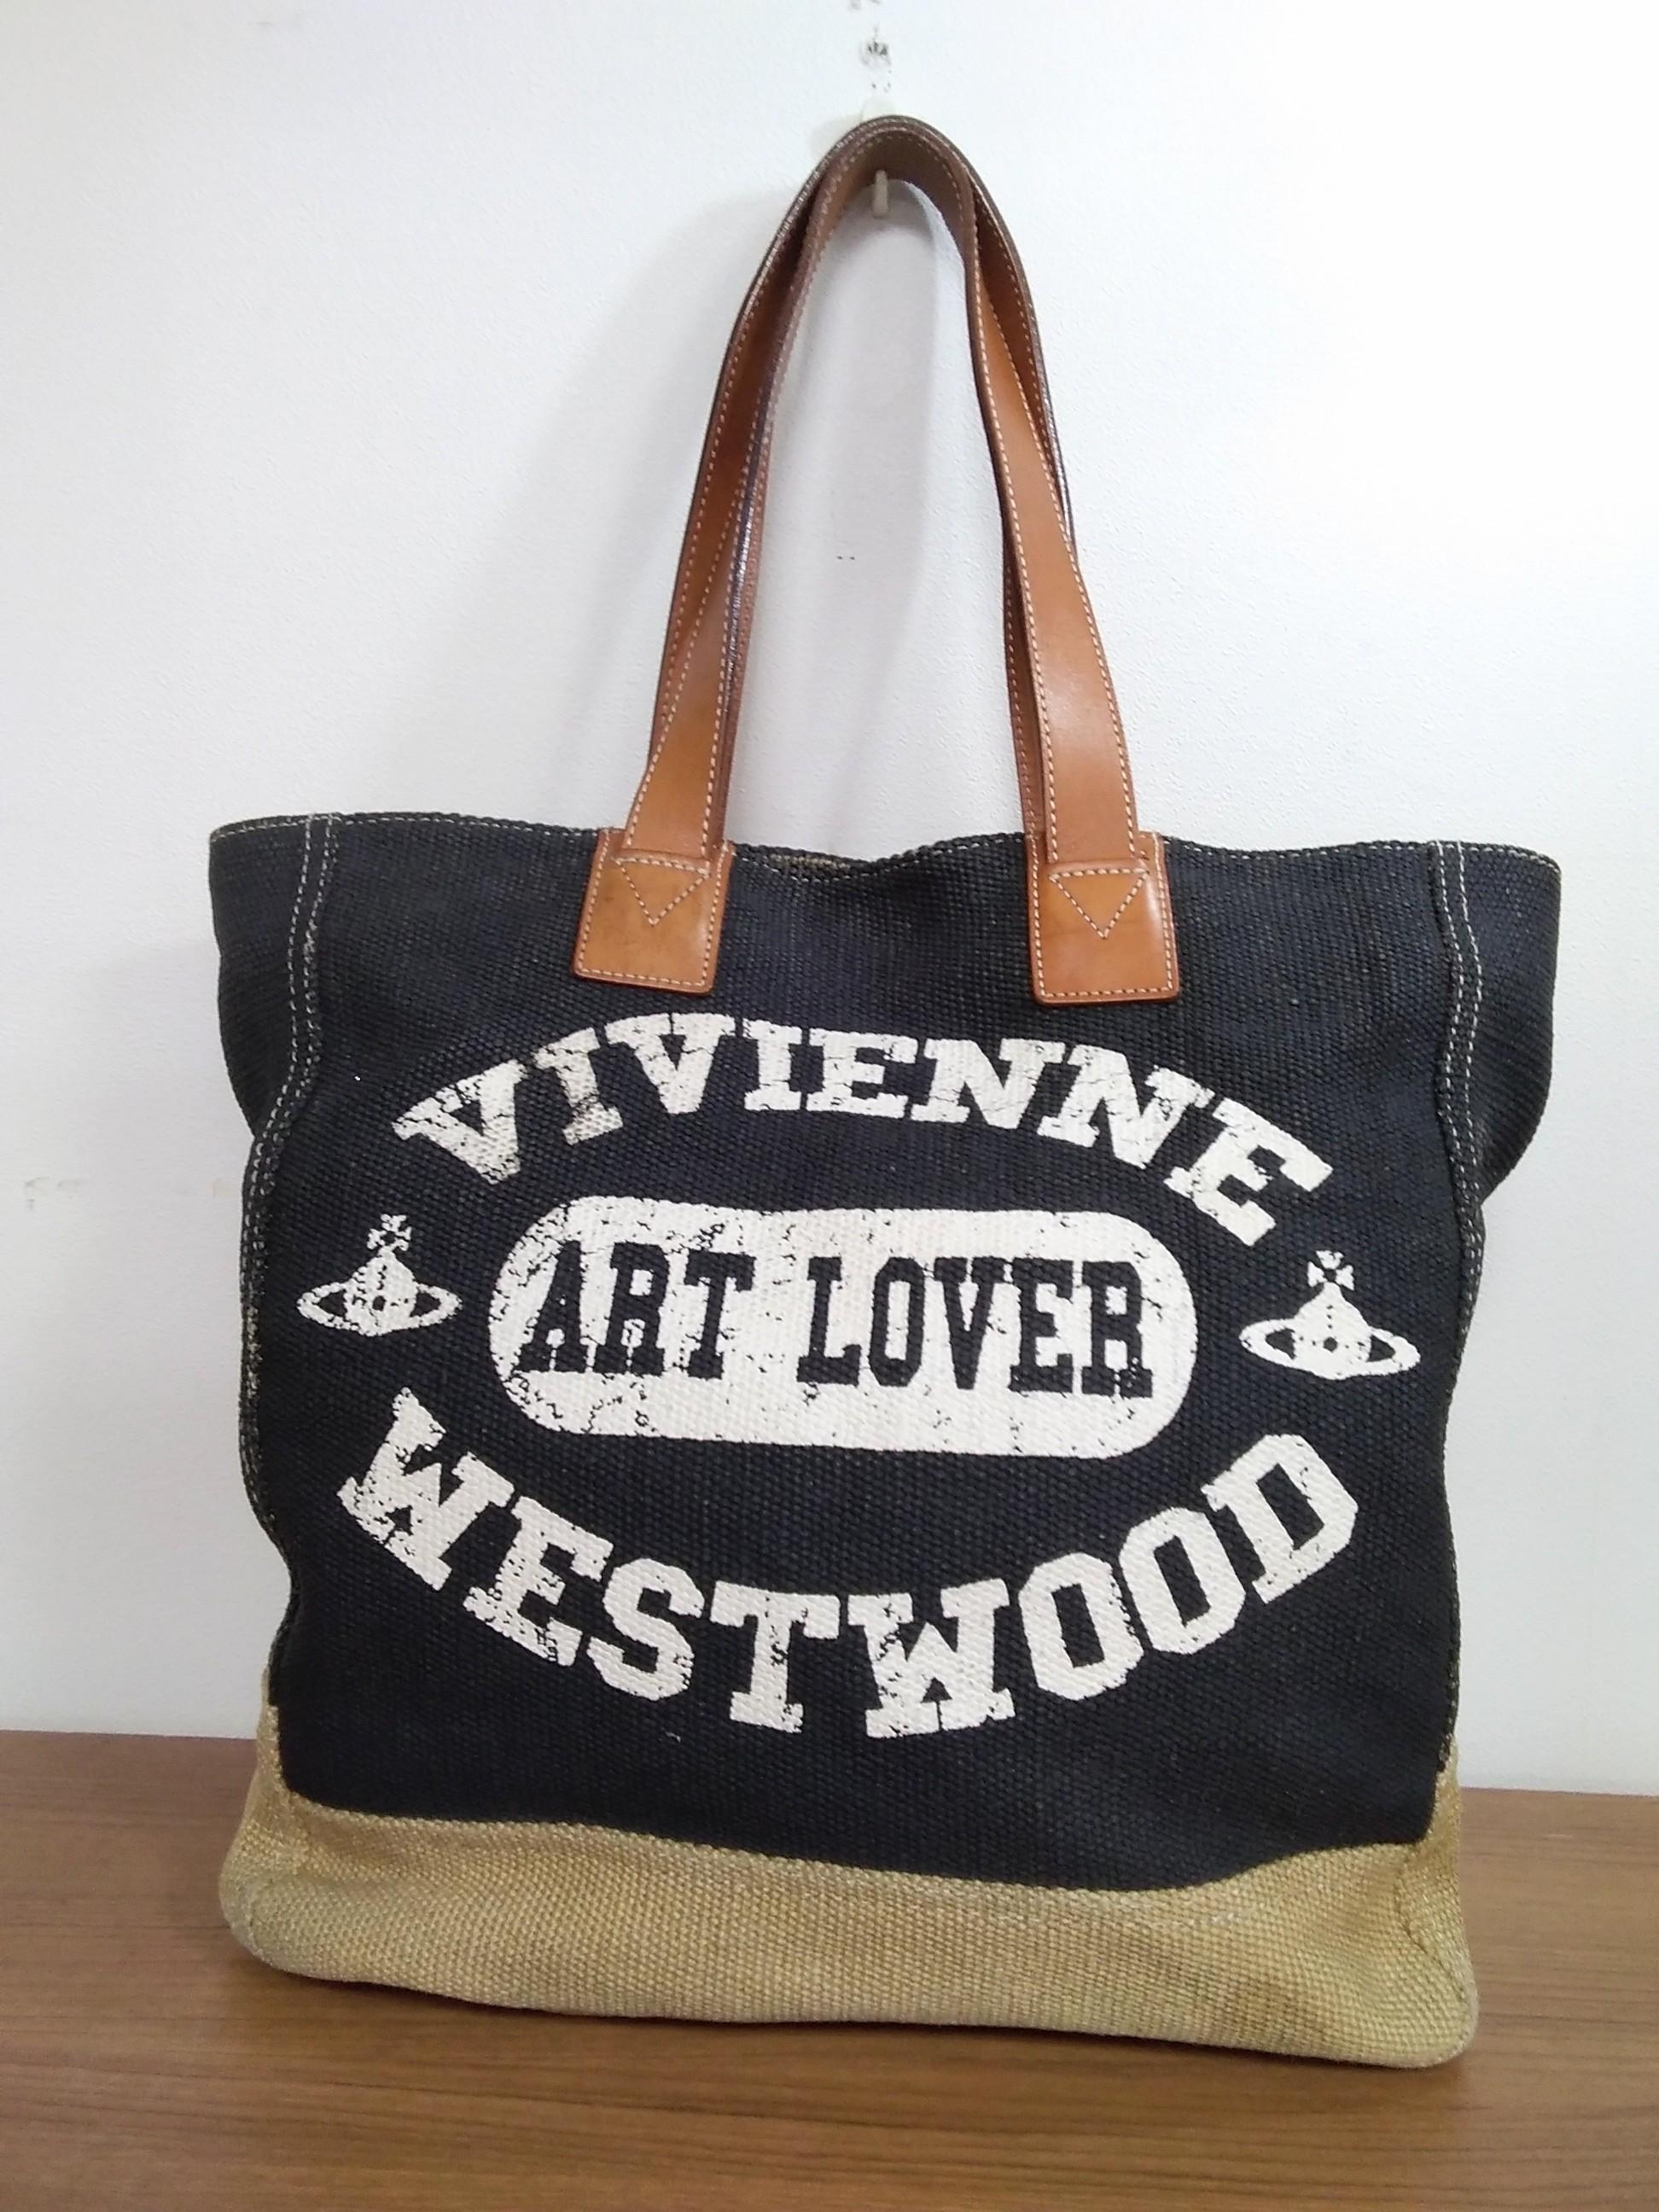 【希少】ART LOVERトートバッグ|VIVIENNE WESTWOOD MAN